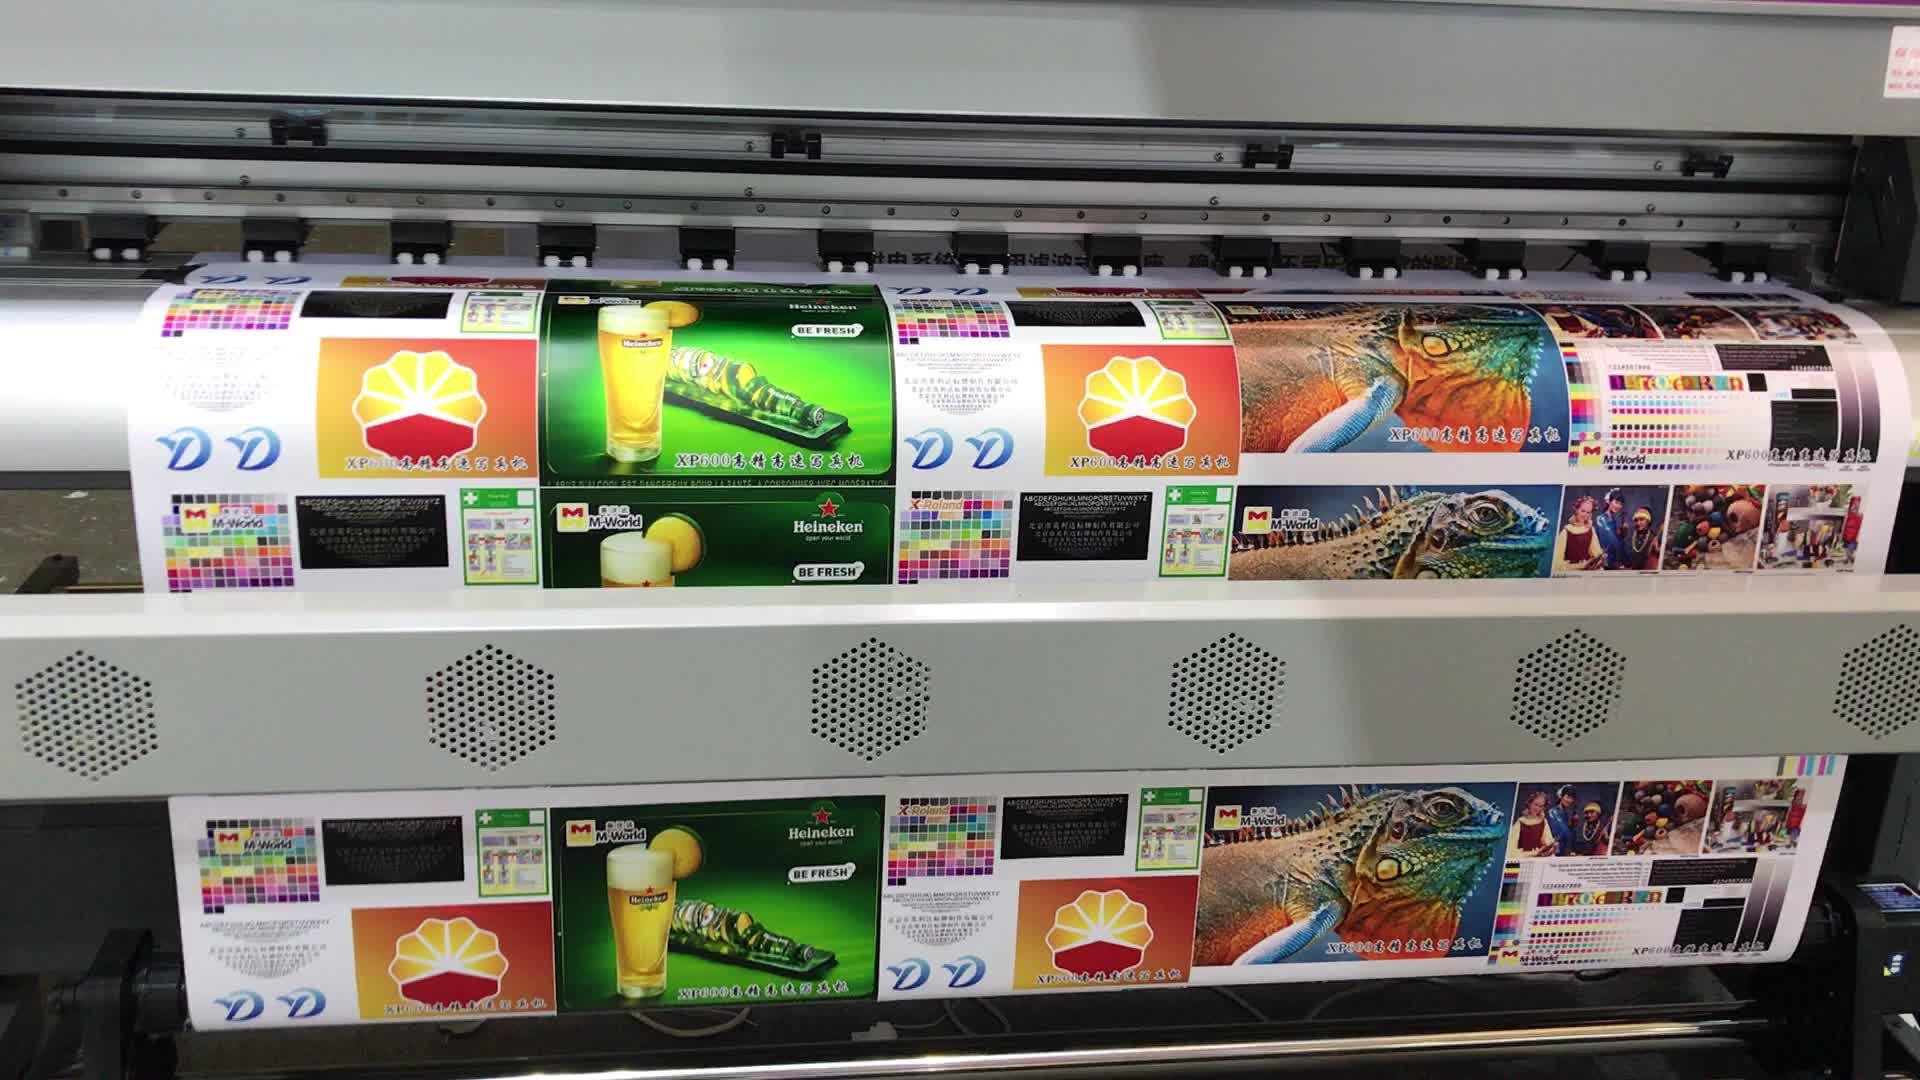 Máquina de impressão de baixo custo de grande formato 1.8m rolo para rolar impressora digital 6ft dx7 xp600 dx5 dgi impressora flex tudo em um